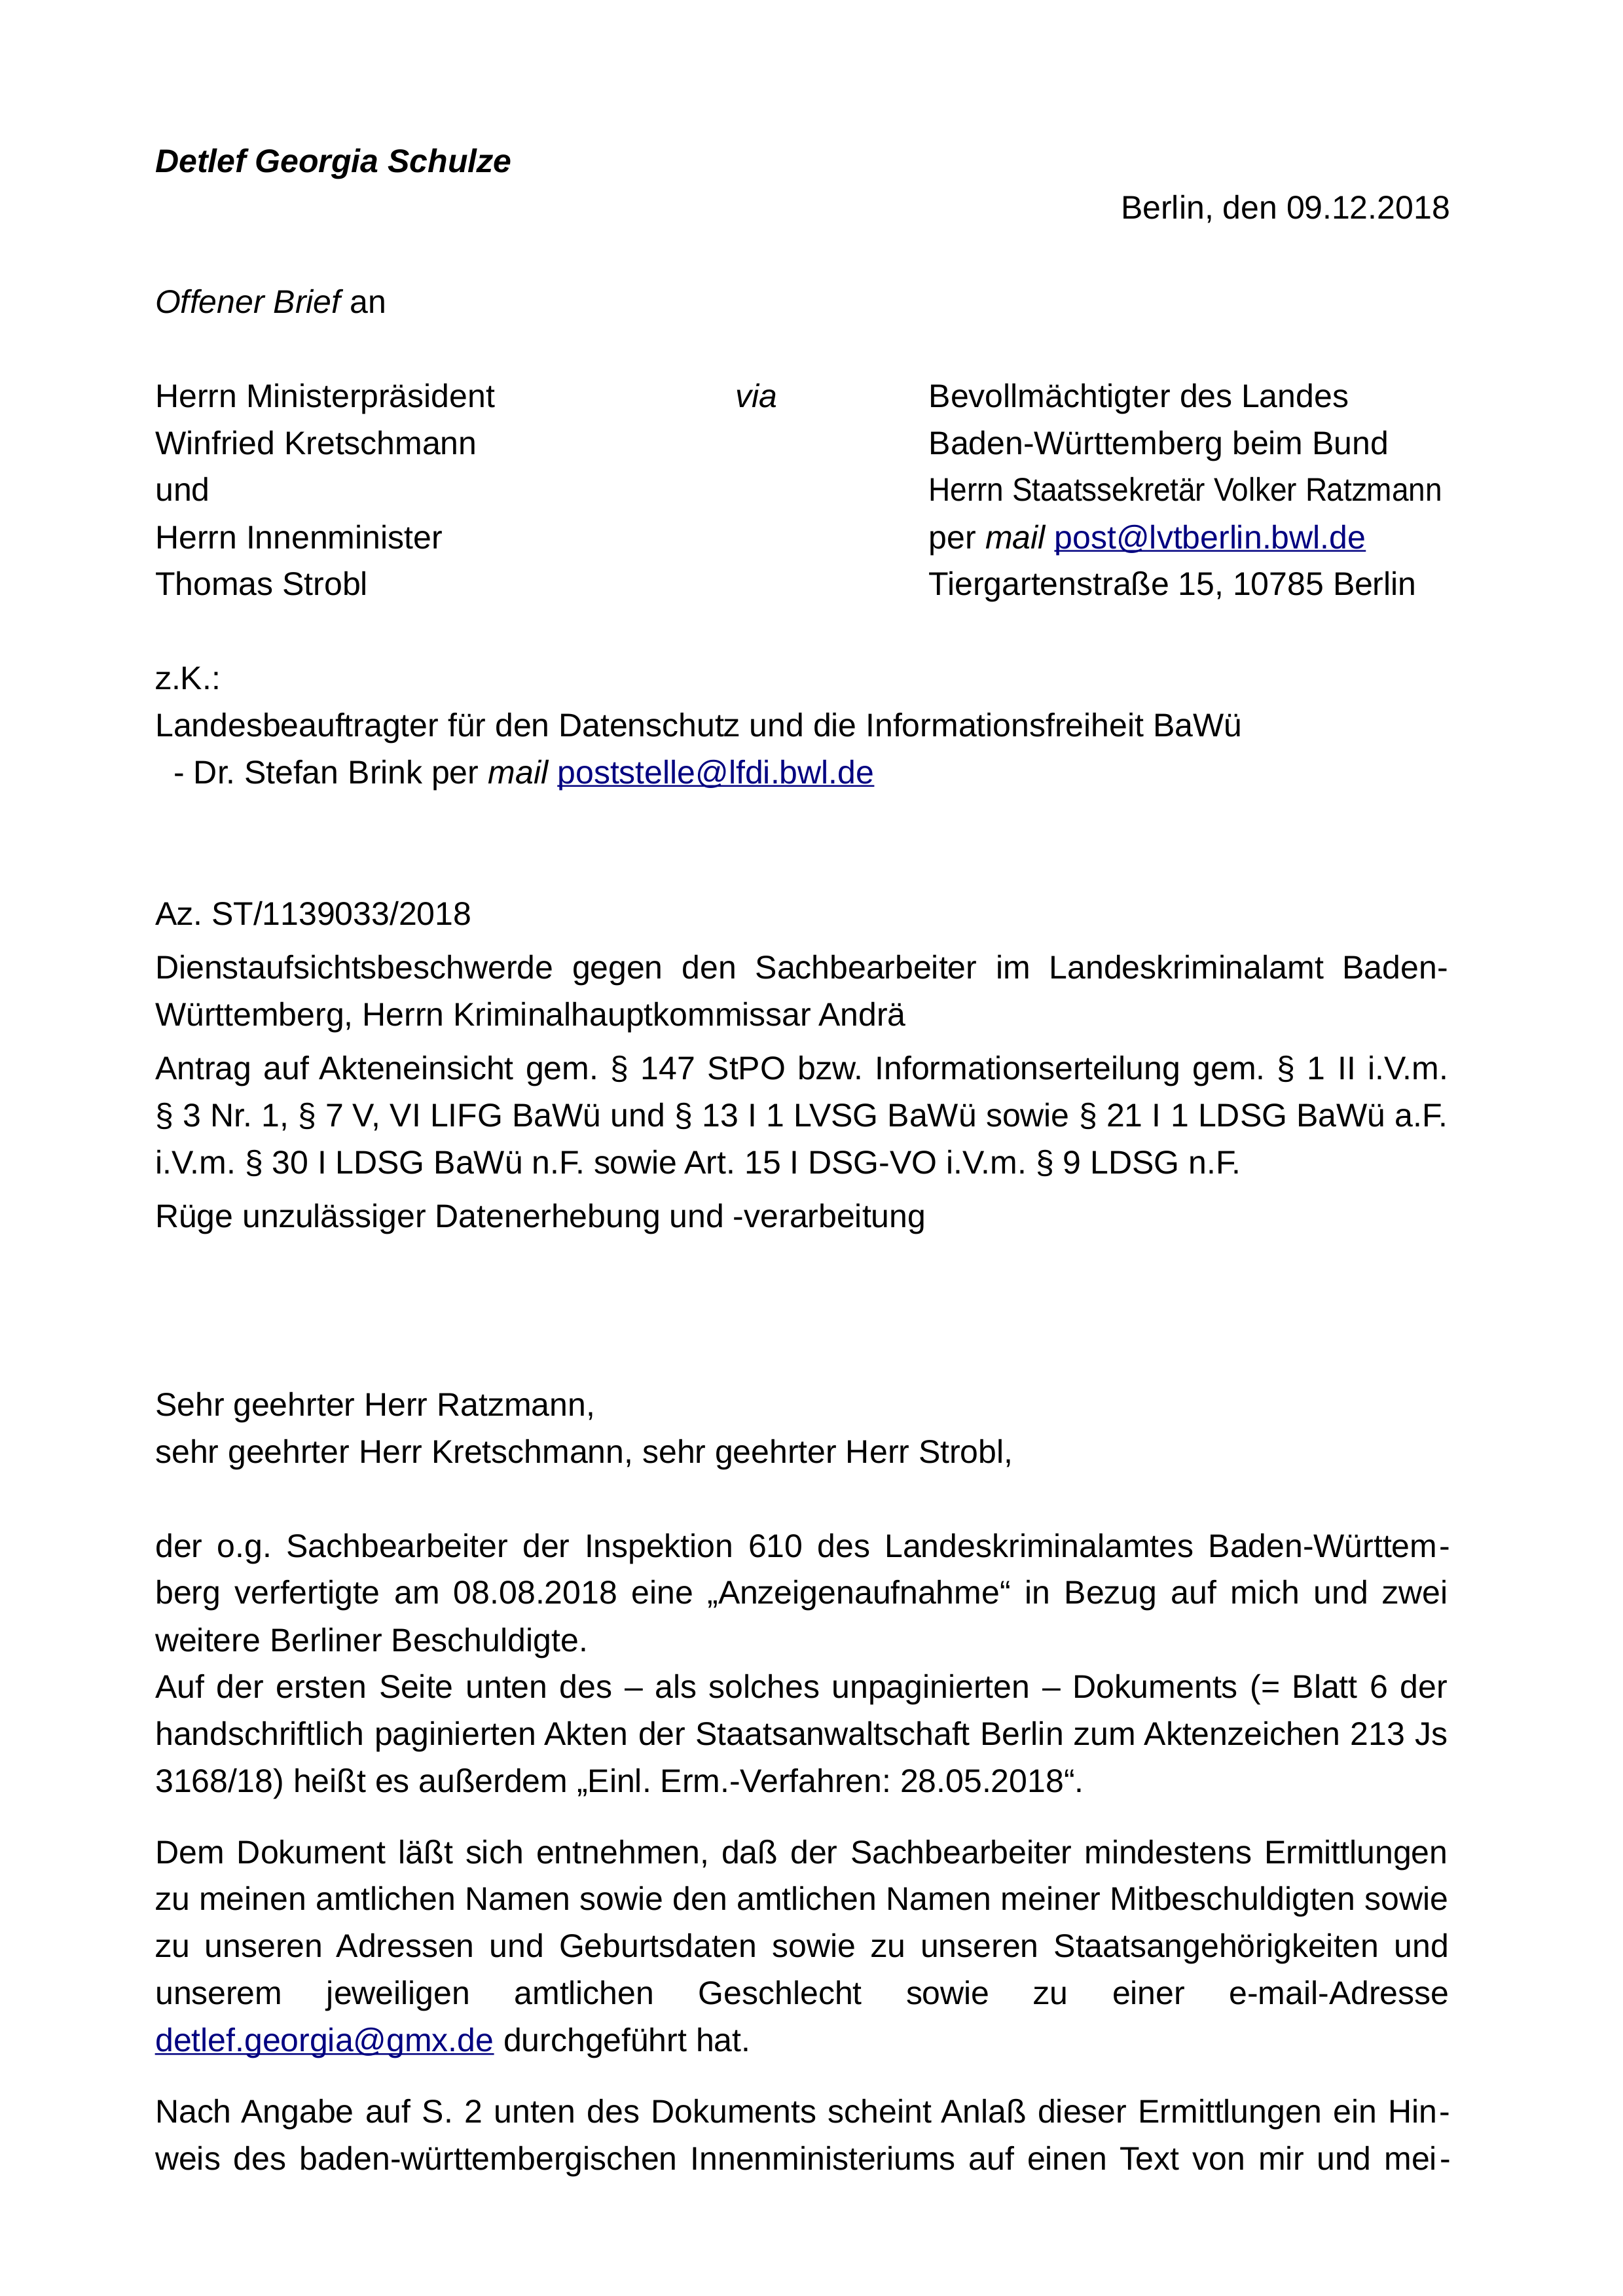 DGS an LReg BaWü; 09.12.2018